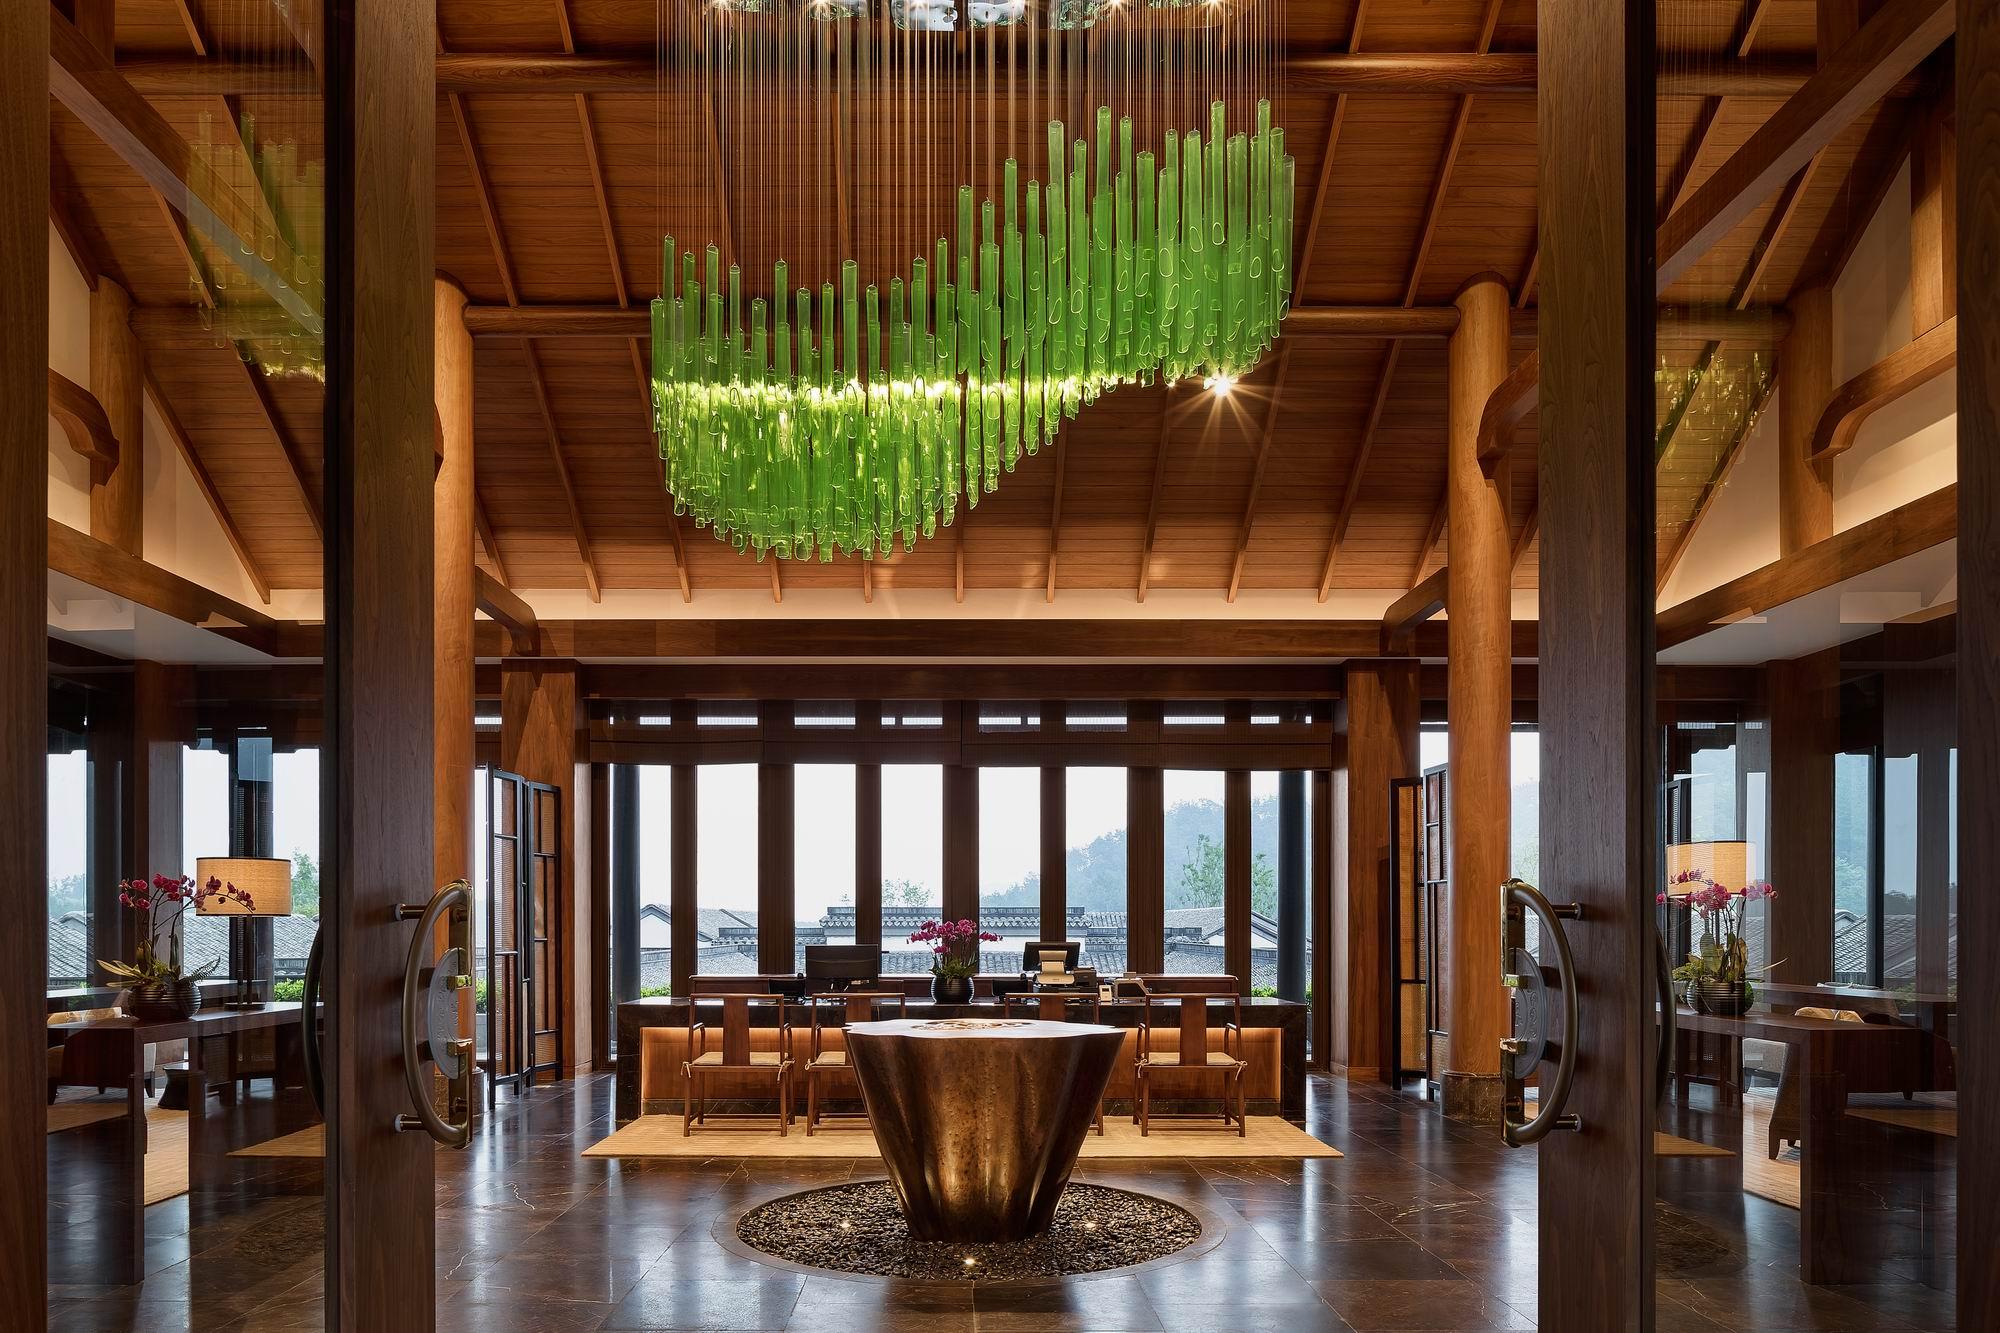 温泉酒店设计的特色理念是什么温泉酒店设计精髓在哪里